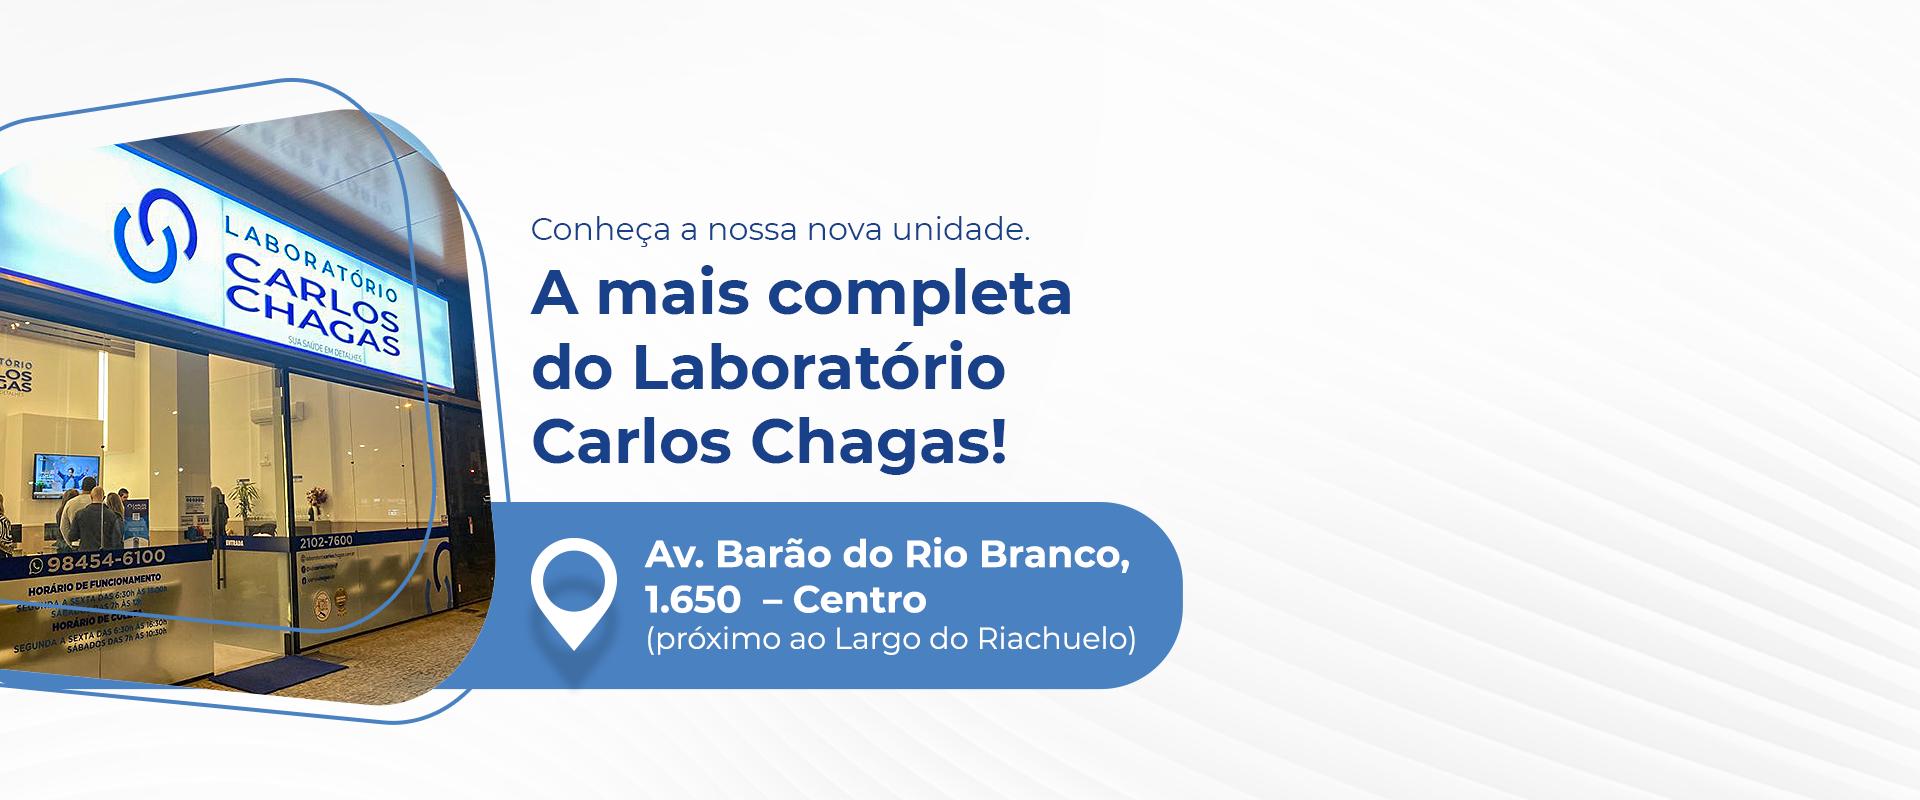 Unidade Rio Branco